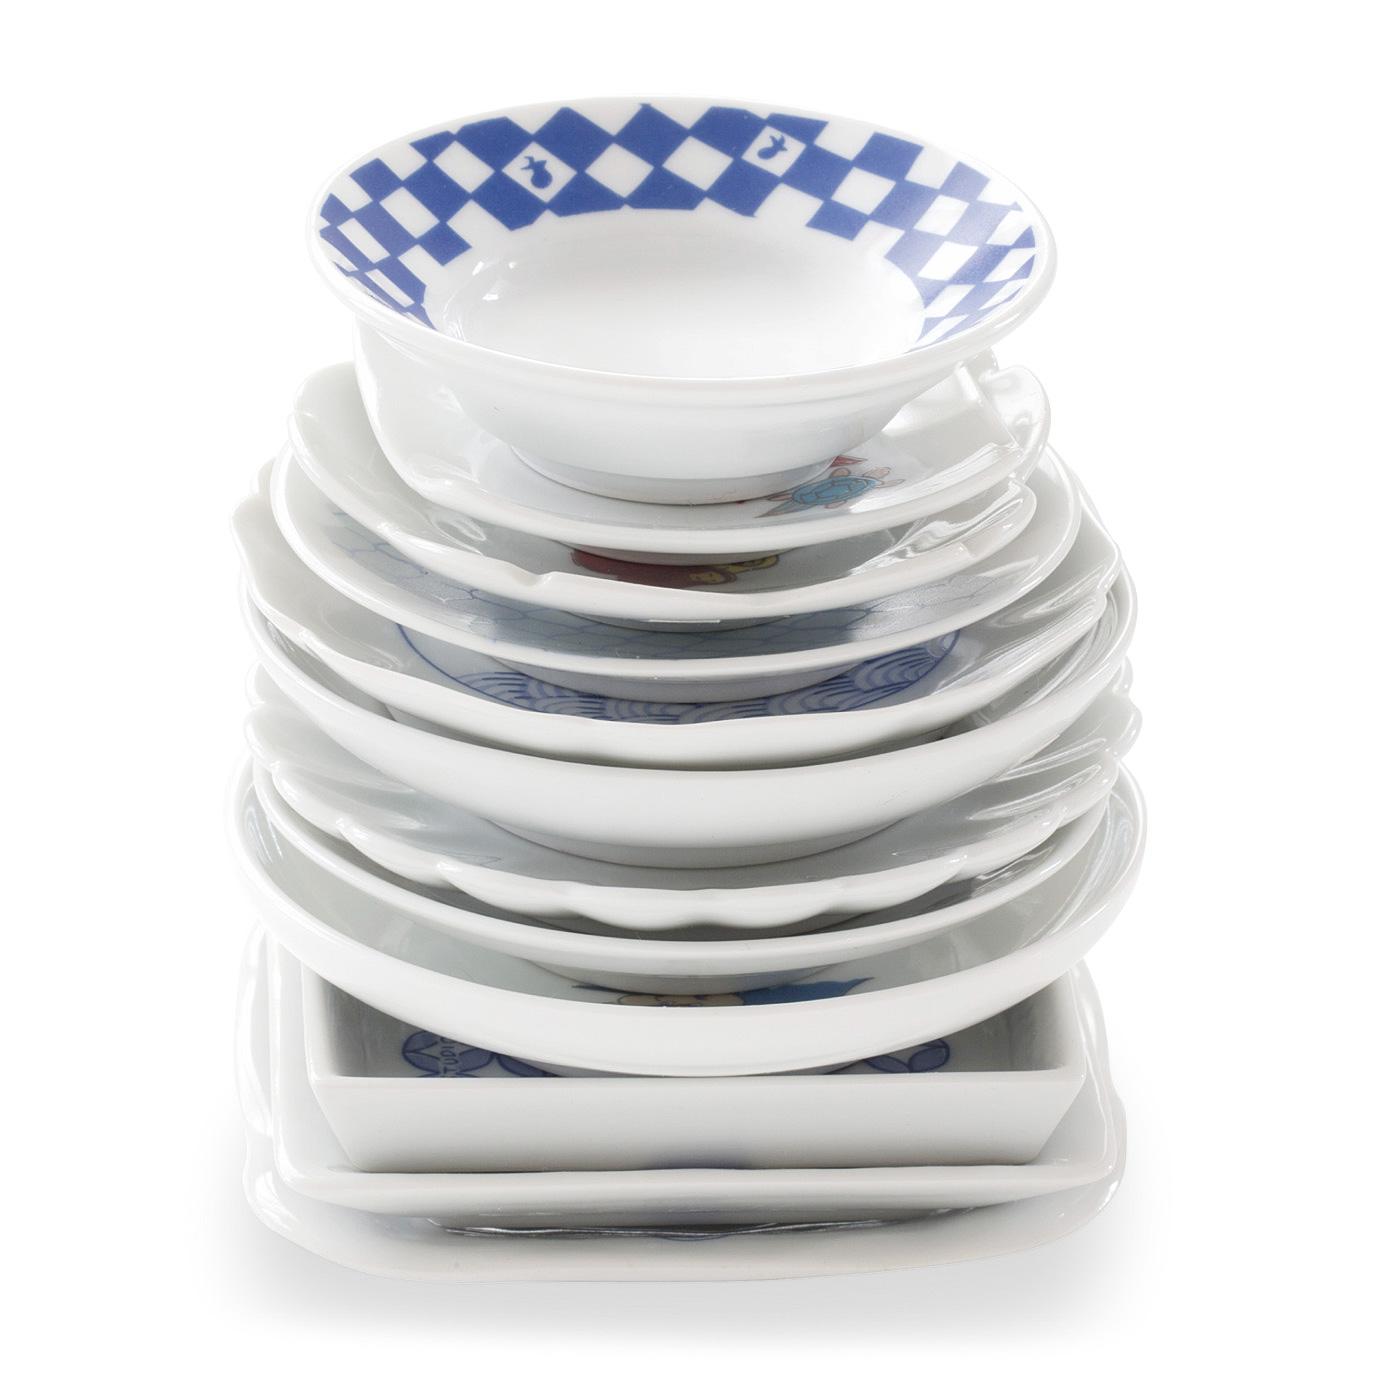 お皿は全部重ねてもコンパクト!そろりと食器棚の片隅に。